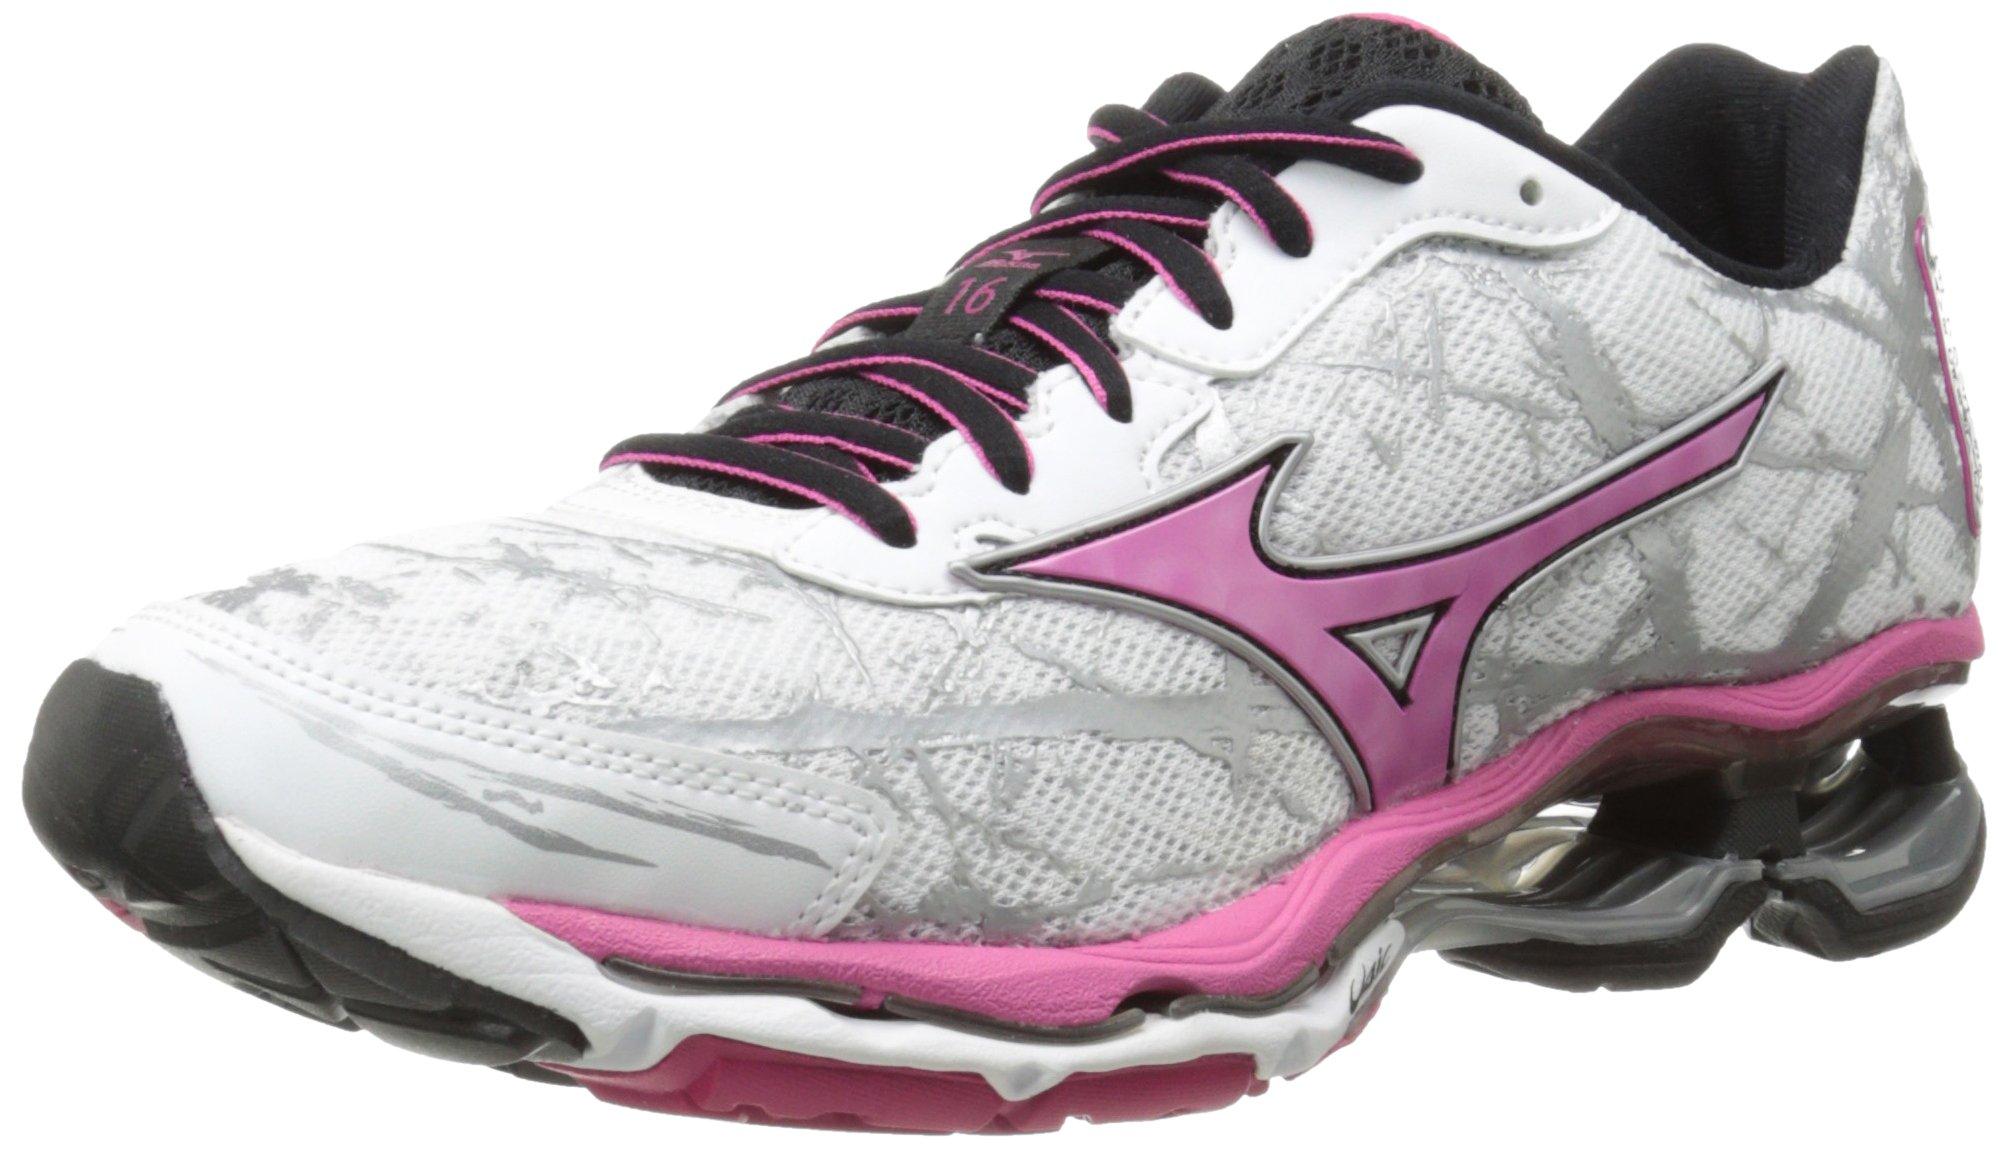 Mizuno Women's Wave Creation 16 Running Shoe, White/Fuchsia Purple, 6 B US